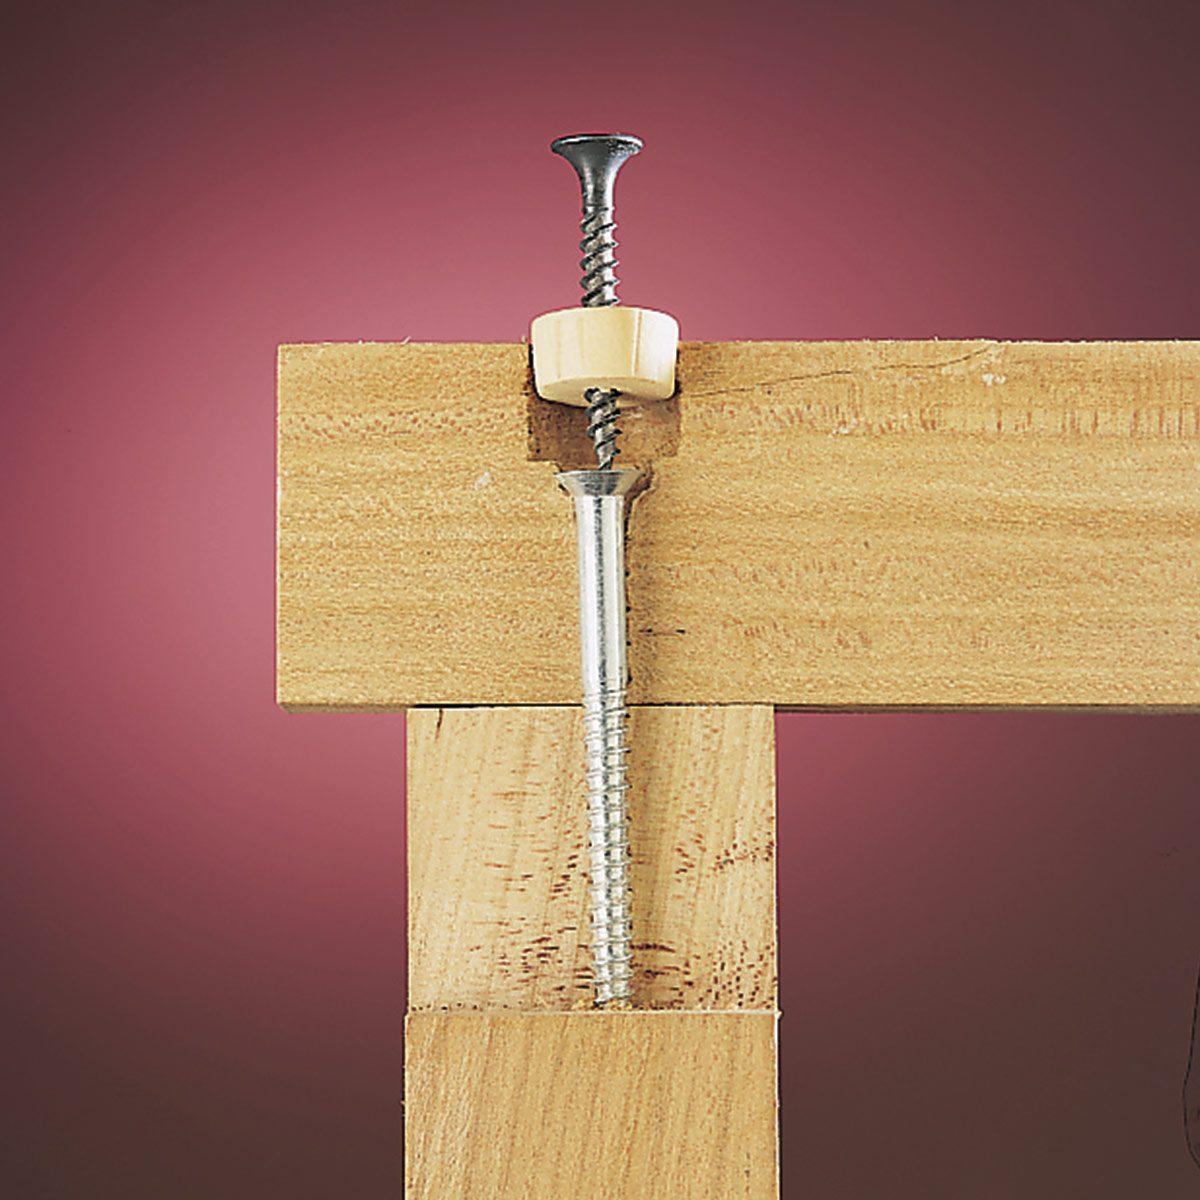 unplug a wood plug